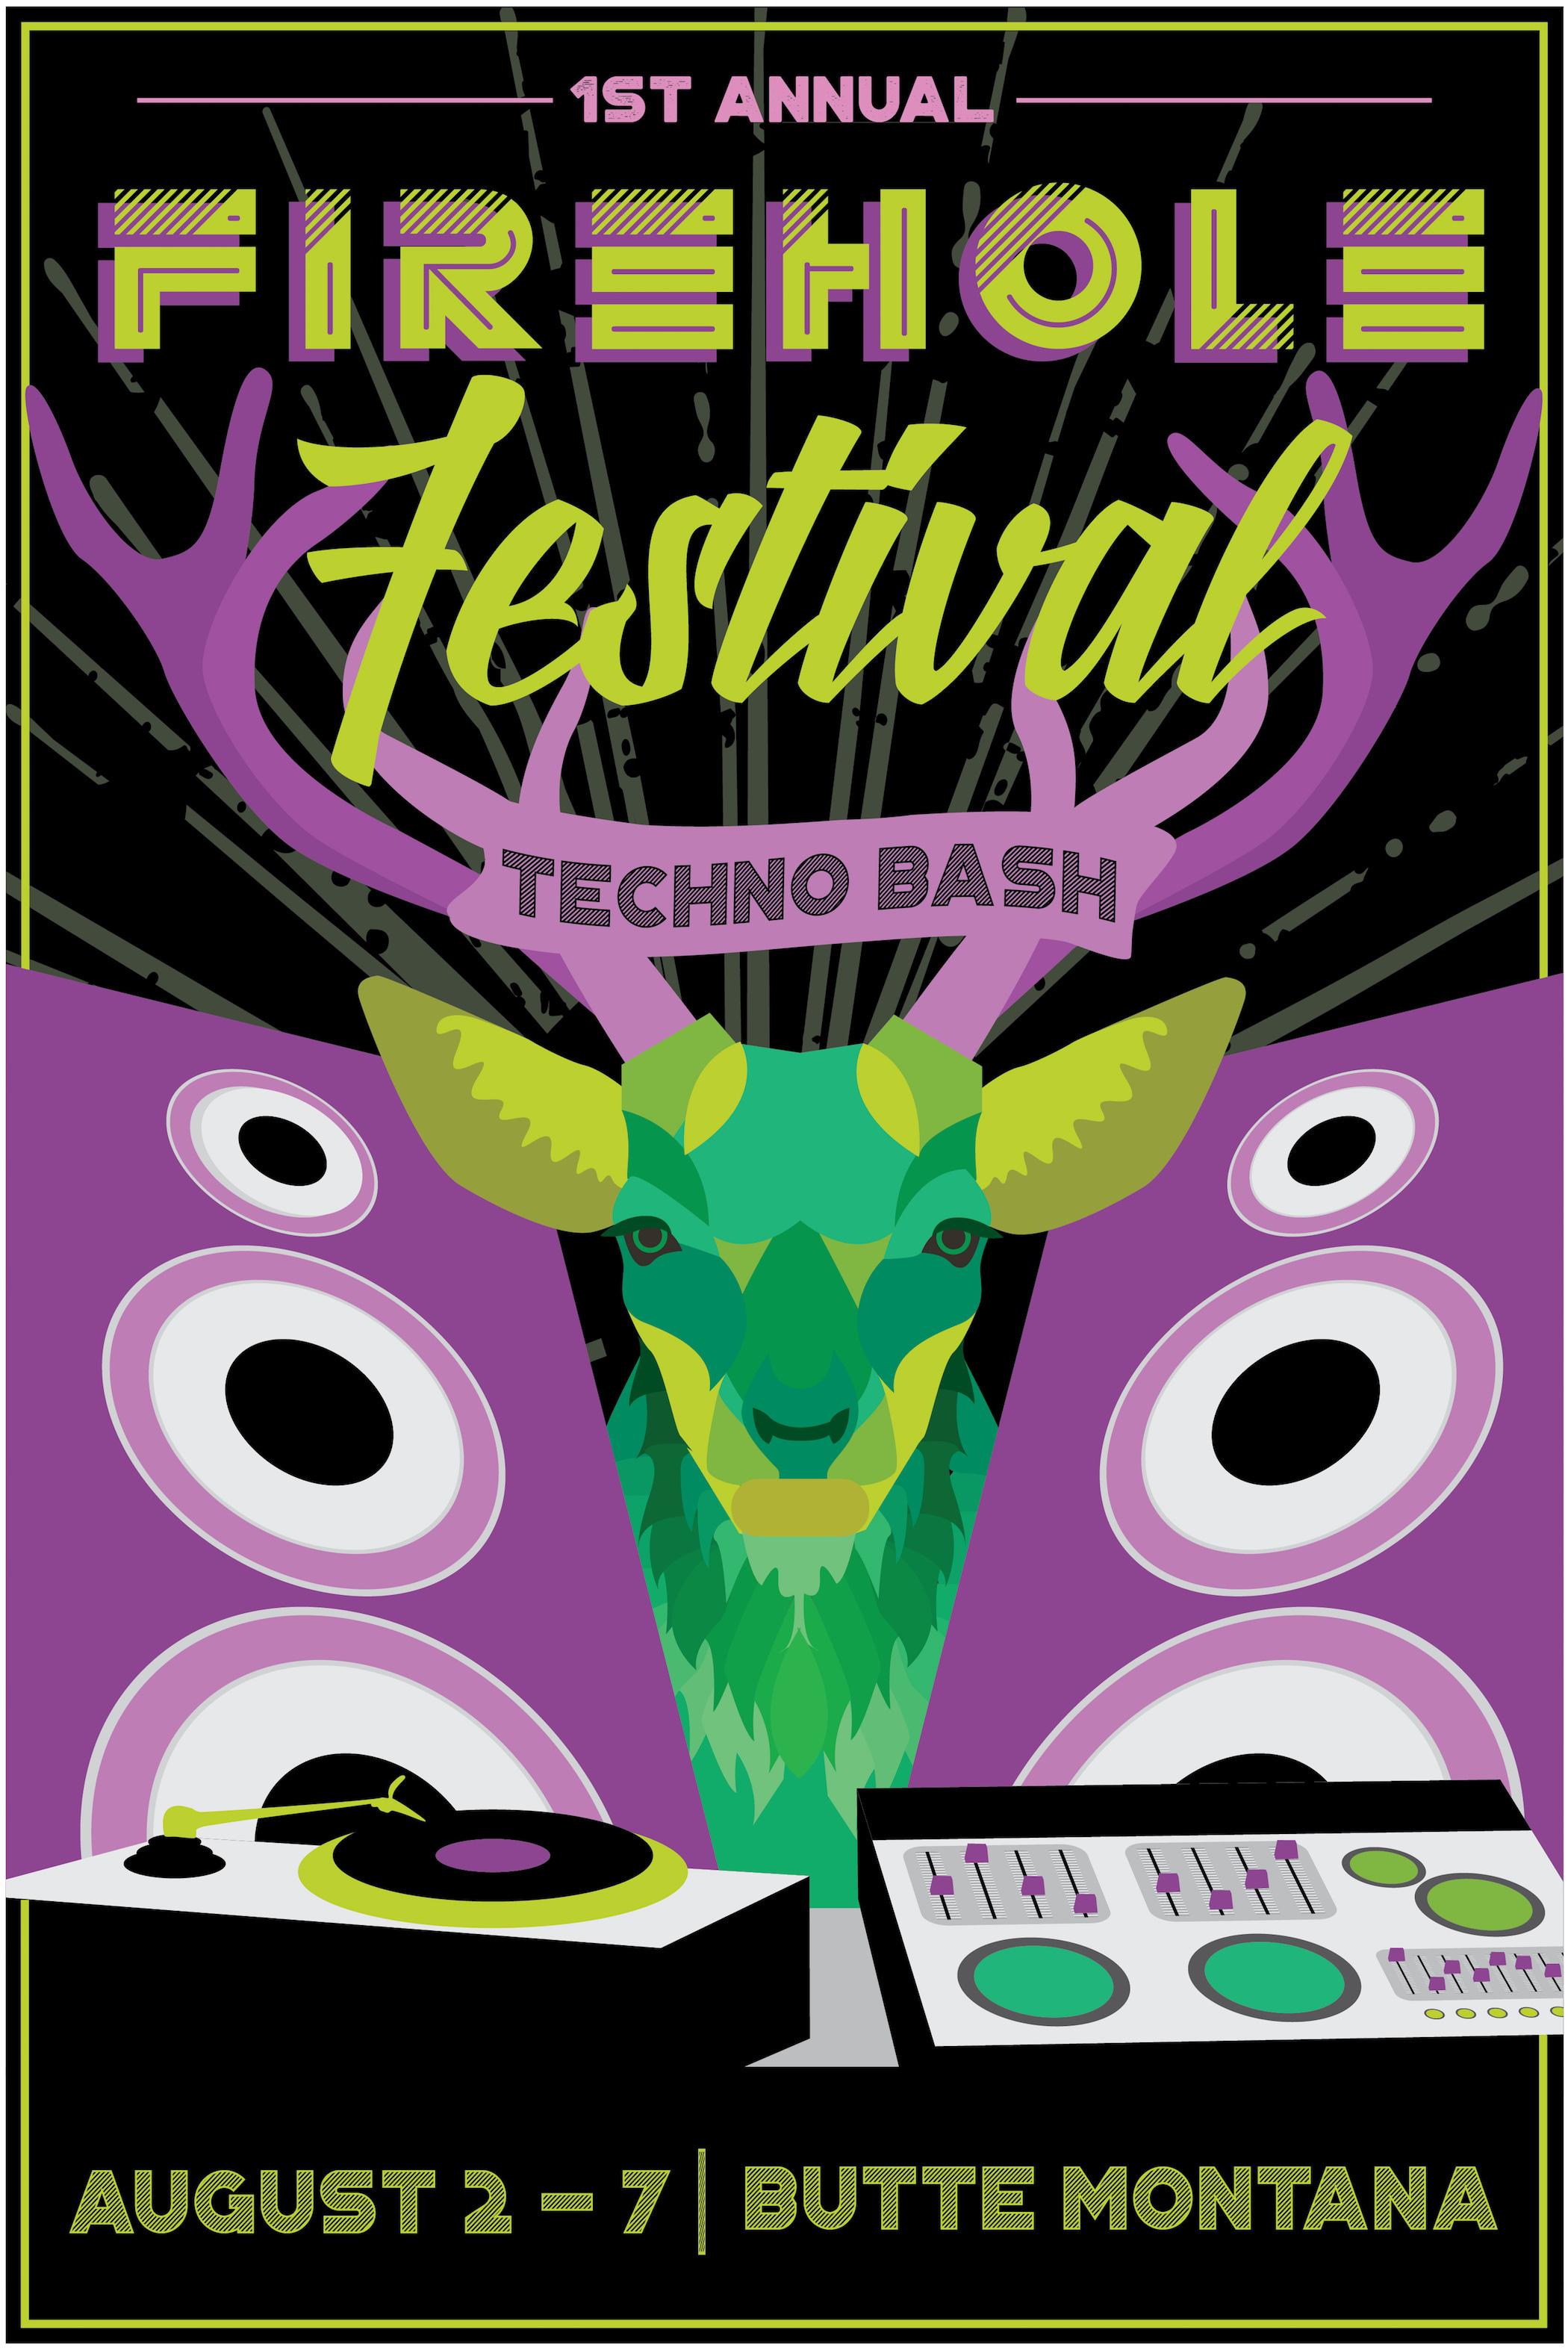 KPierce_MusicFest_poster-01.jpg